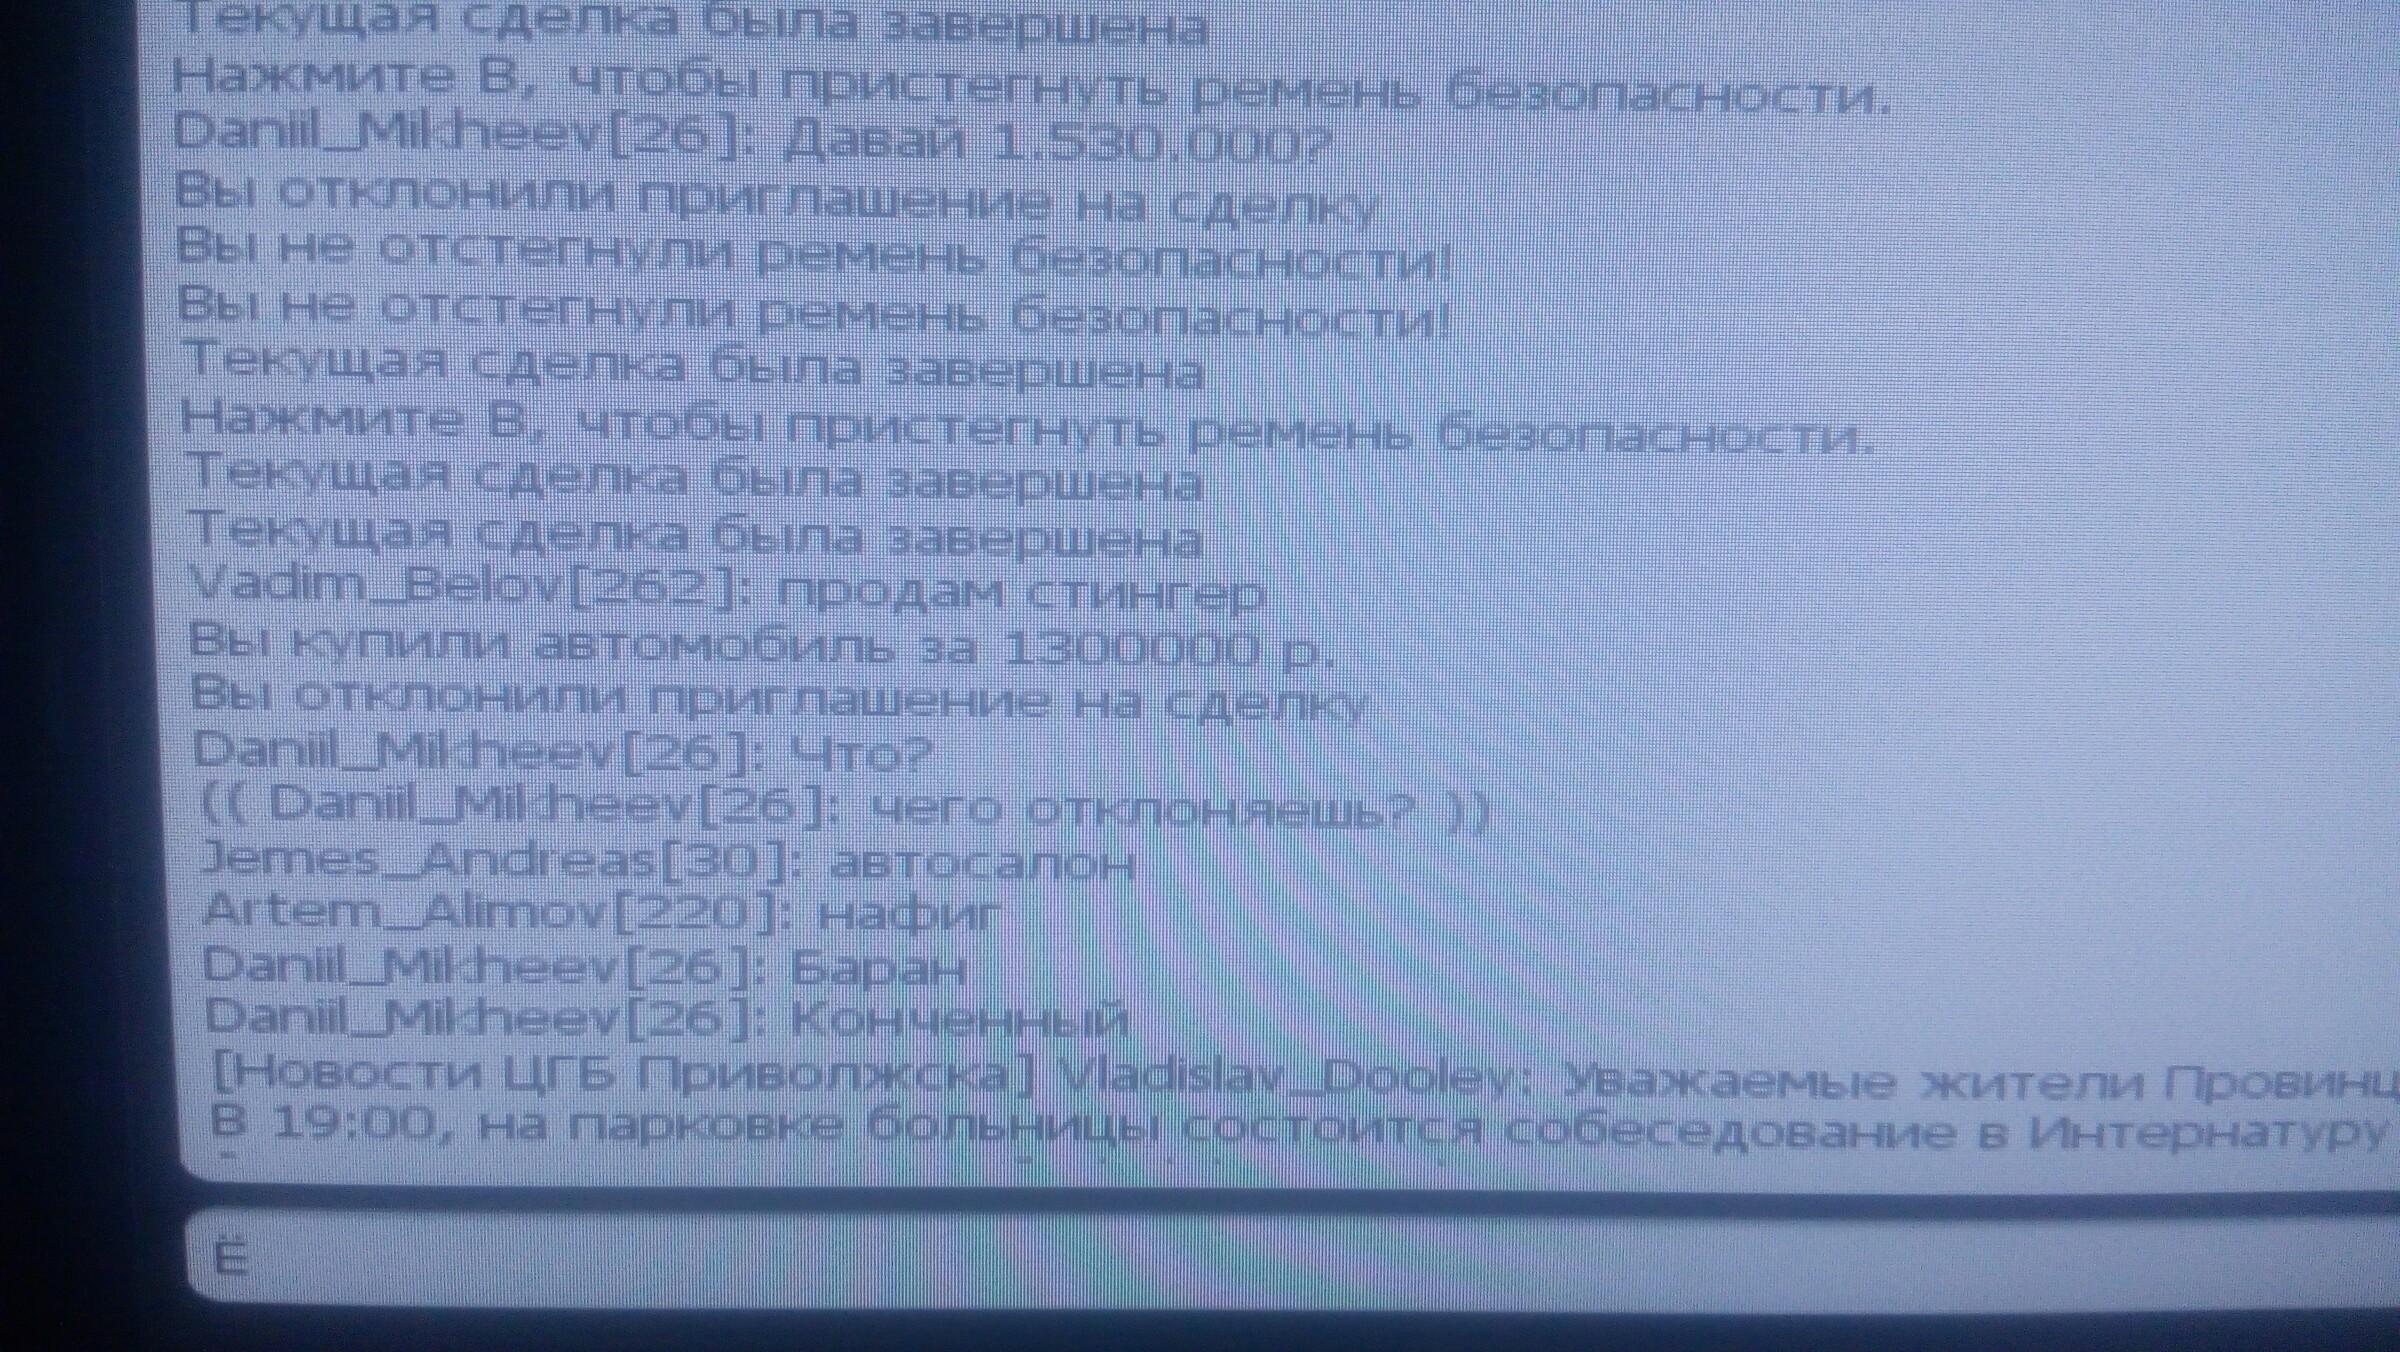 uR4SmOc2qN8.jpg